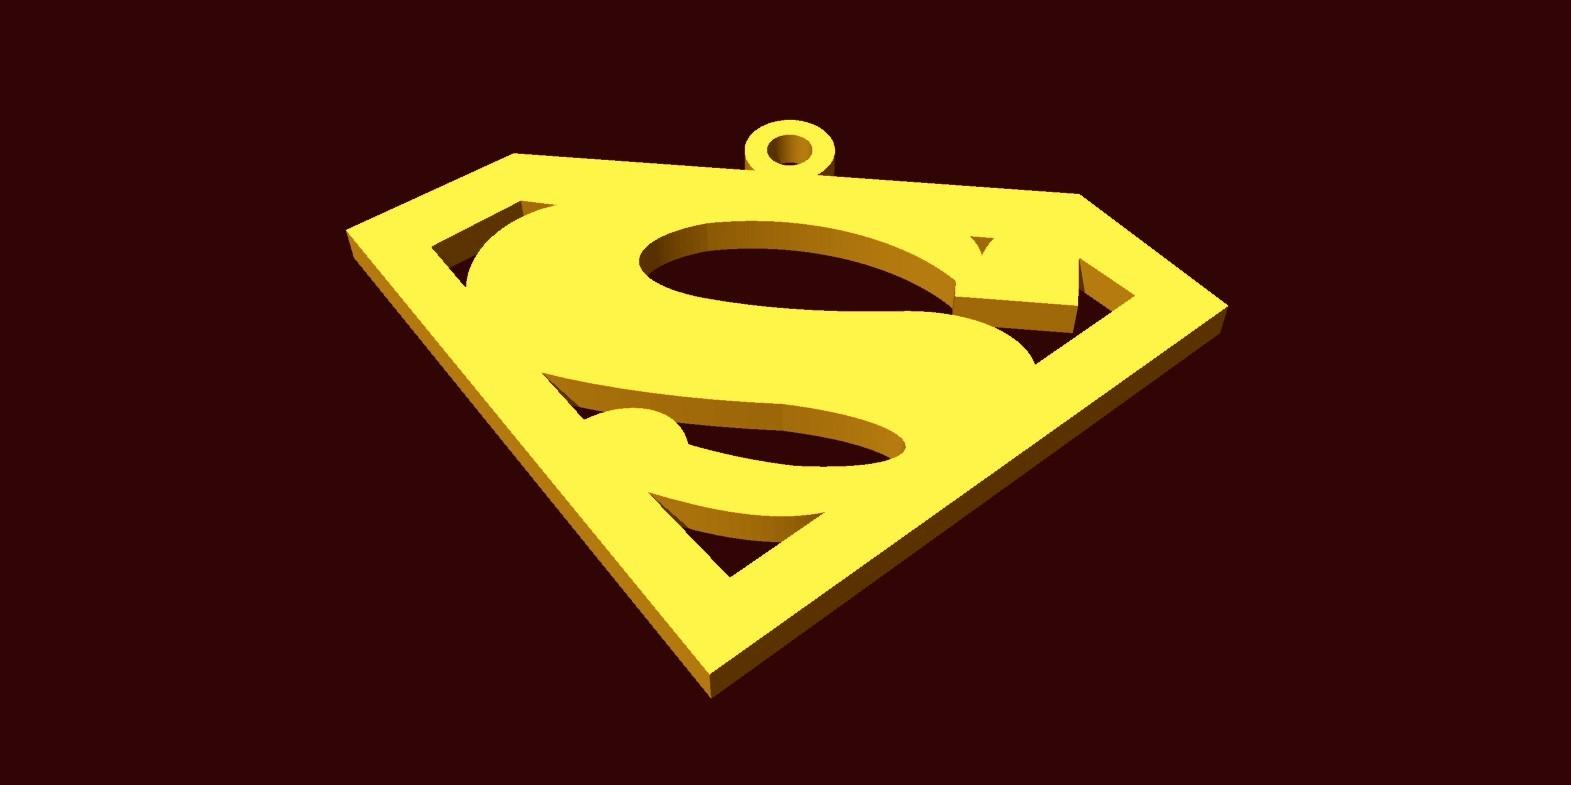 superman.jpg Télécharger fichier STL gratuit pendentif surhomme • Objet pour imprimante 3D, fcosaldana0210